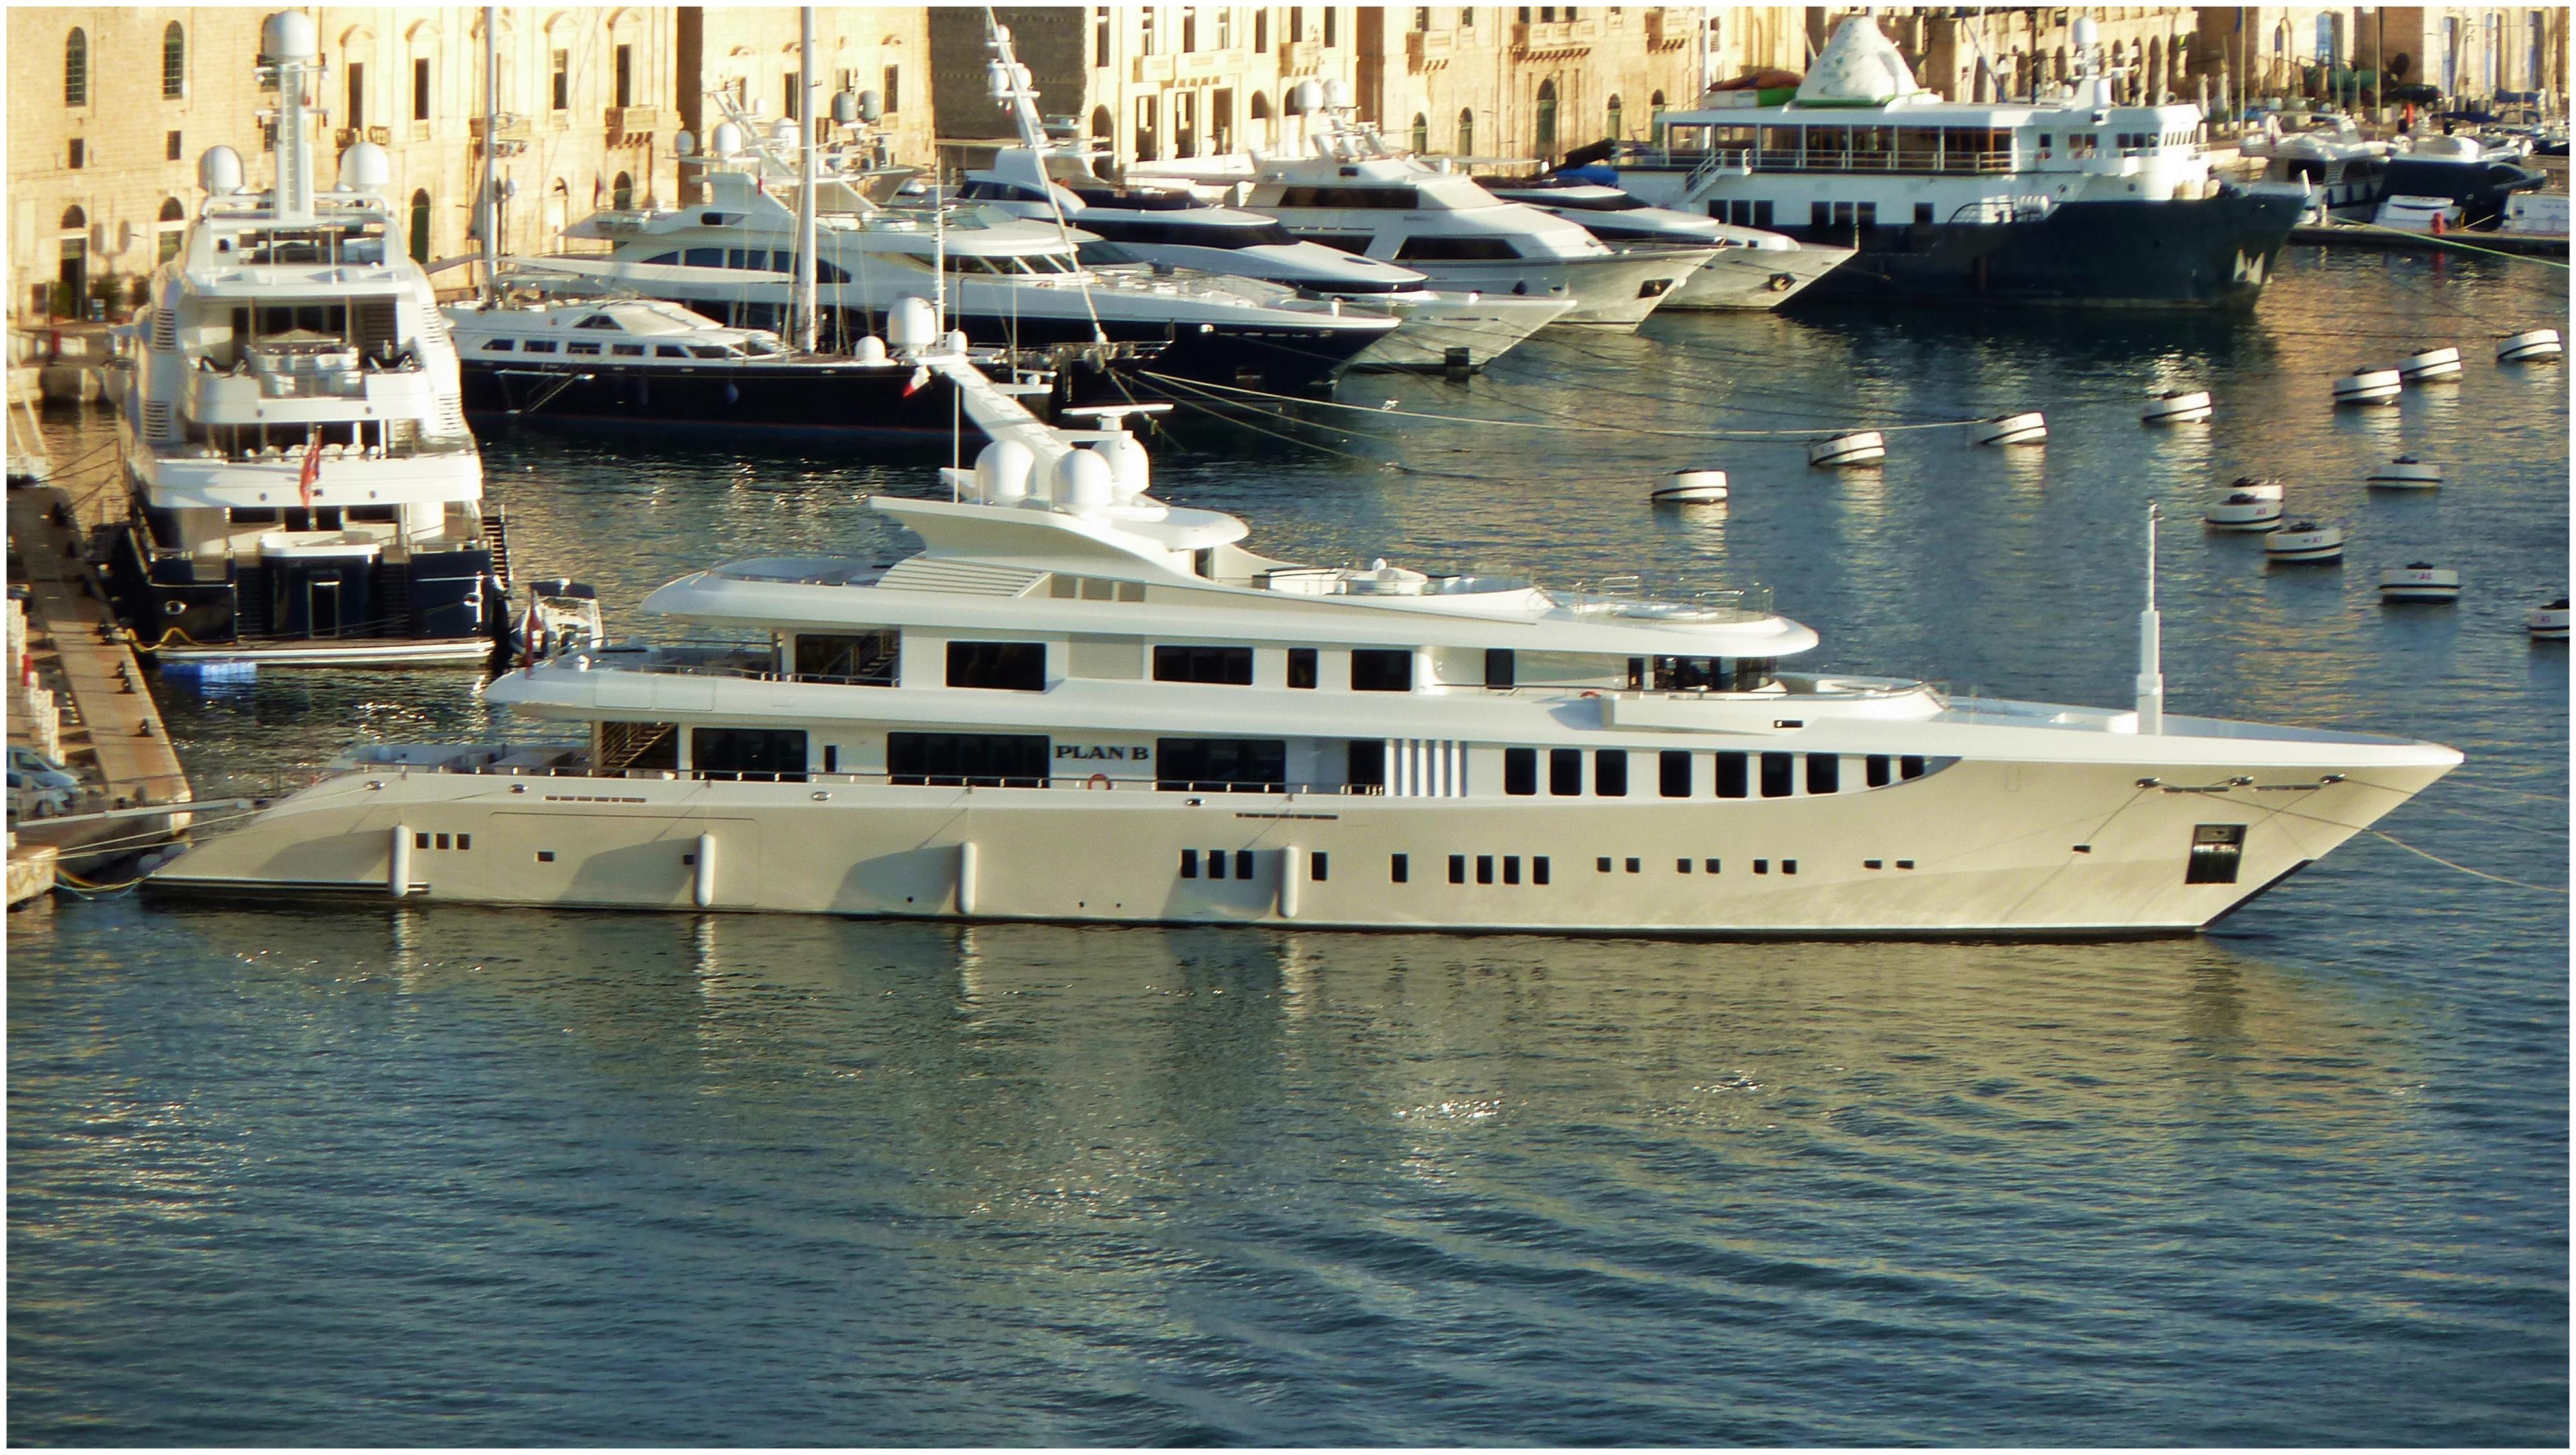 Plan B im Hafen von Malta